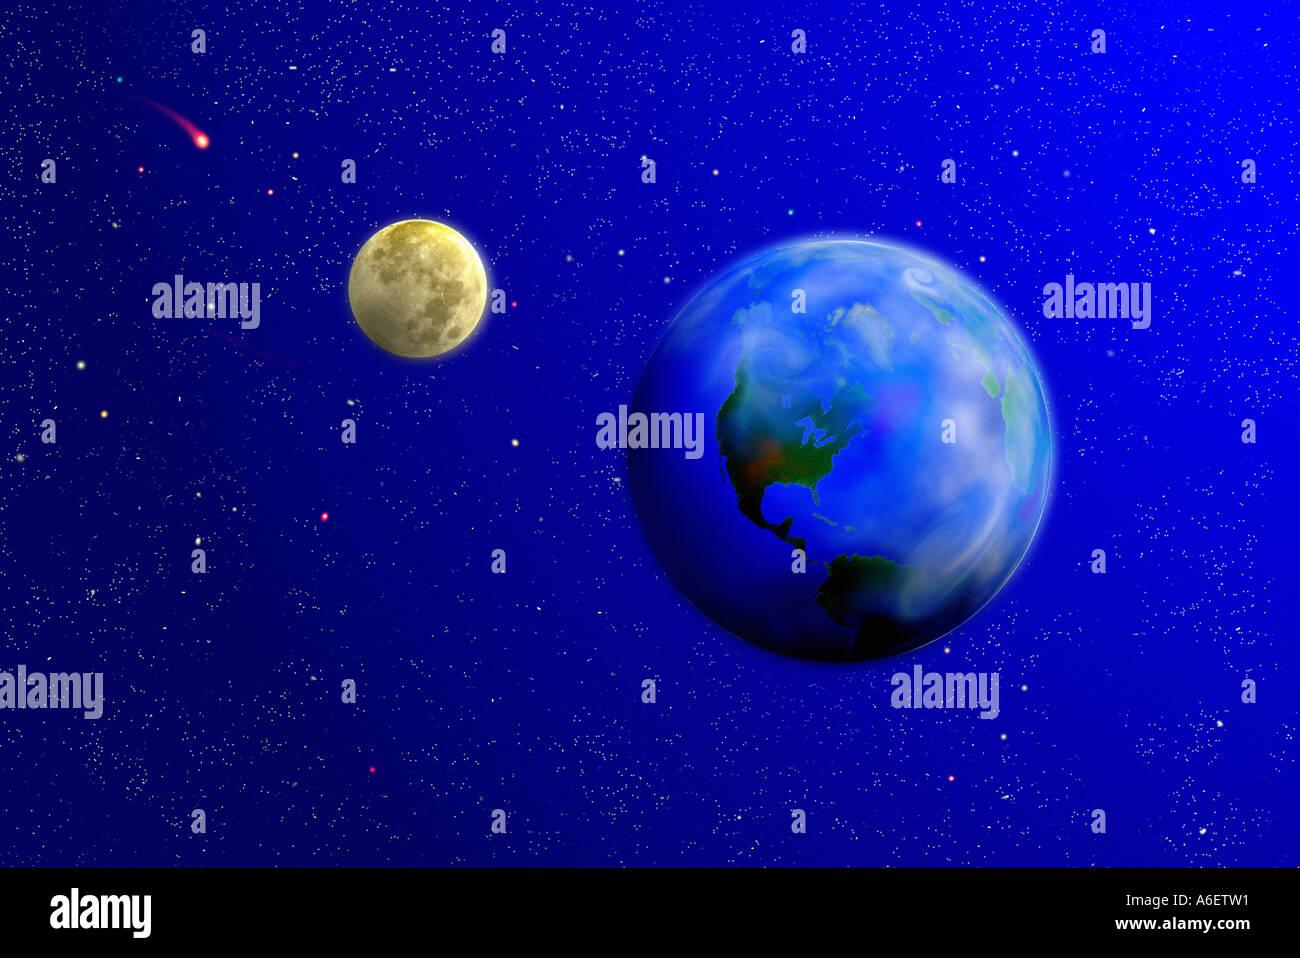 Ilustración digital del planeta Tierra y la luna contra un fondo de estrellas cometas Imagen De Stock